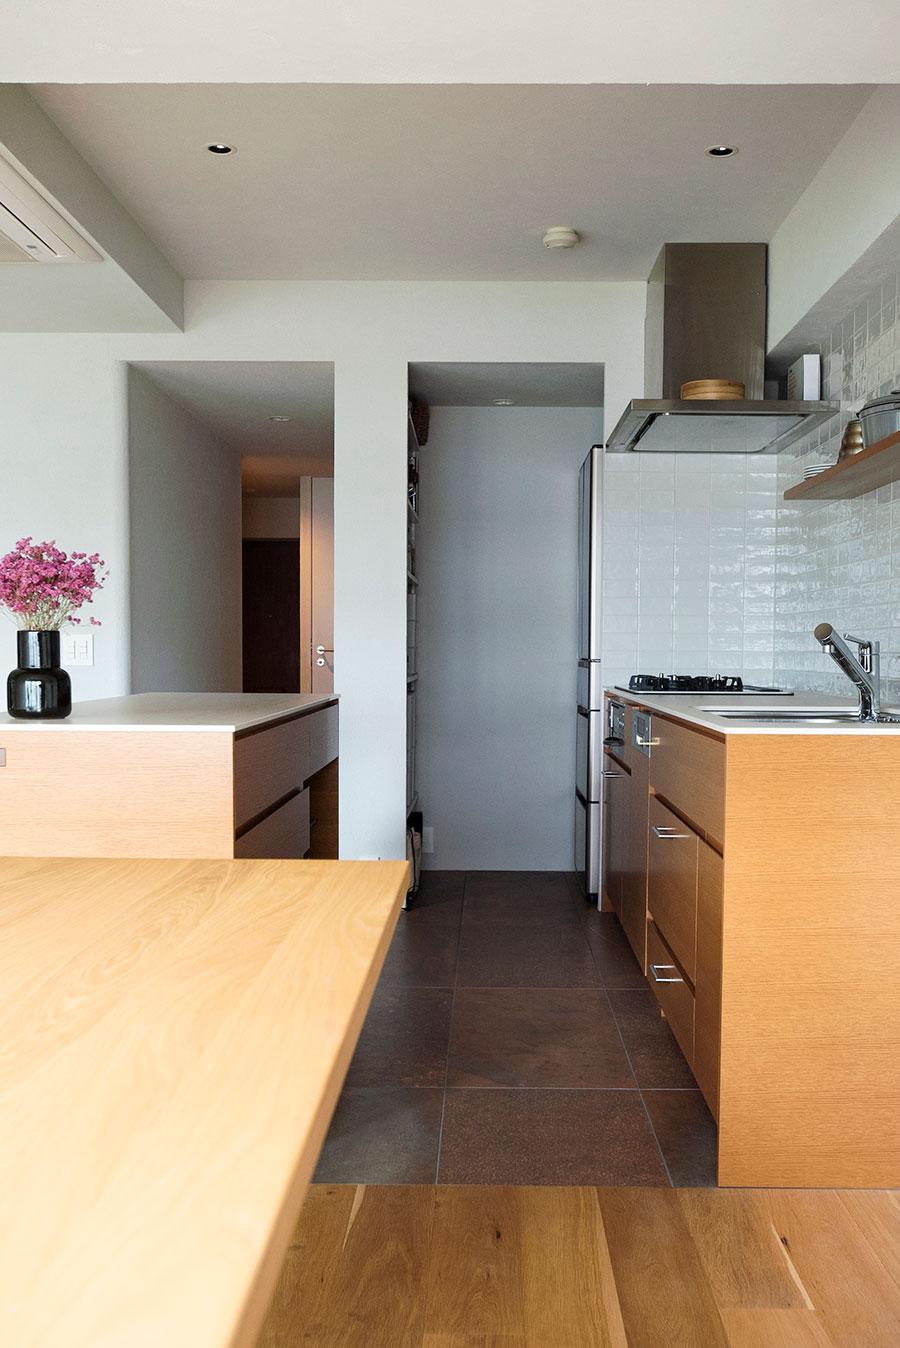 コンロの奥にはパントリーを設け、冷蔵庫や食品ストックを目隠し。